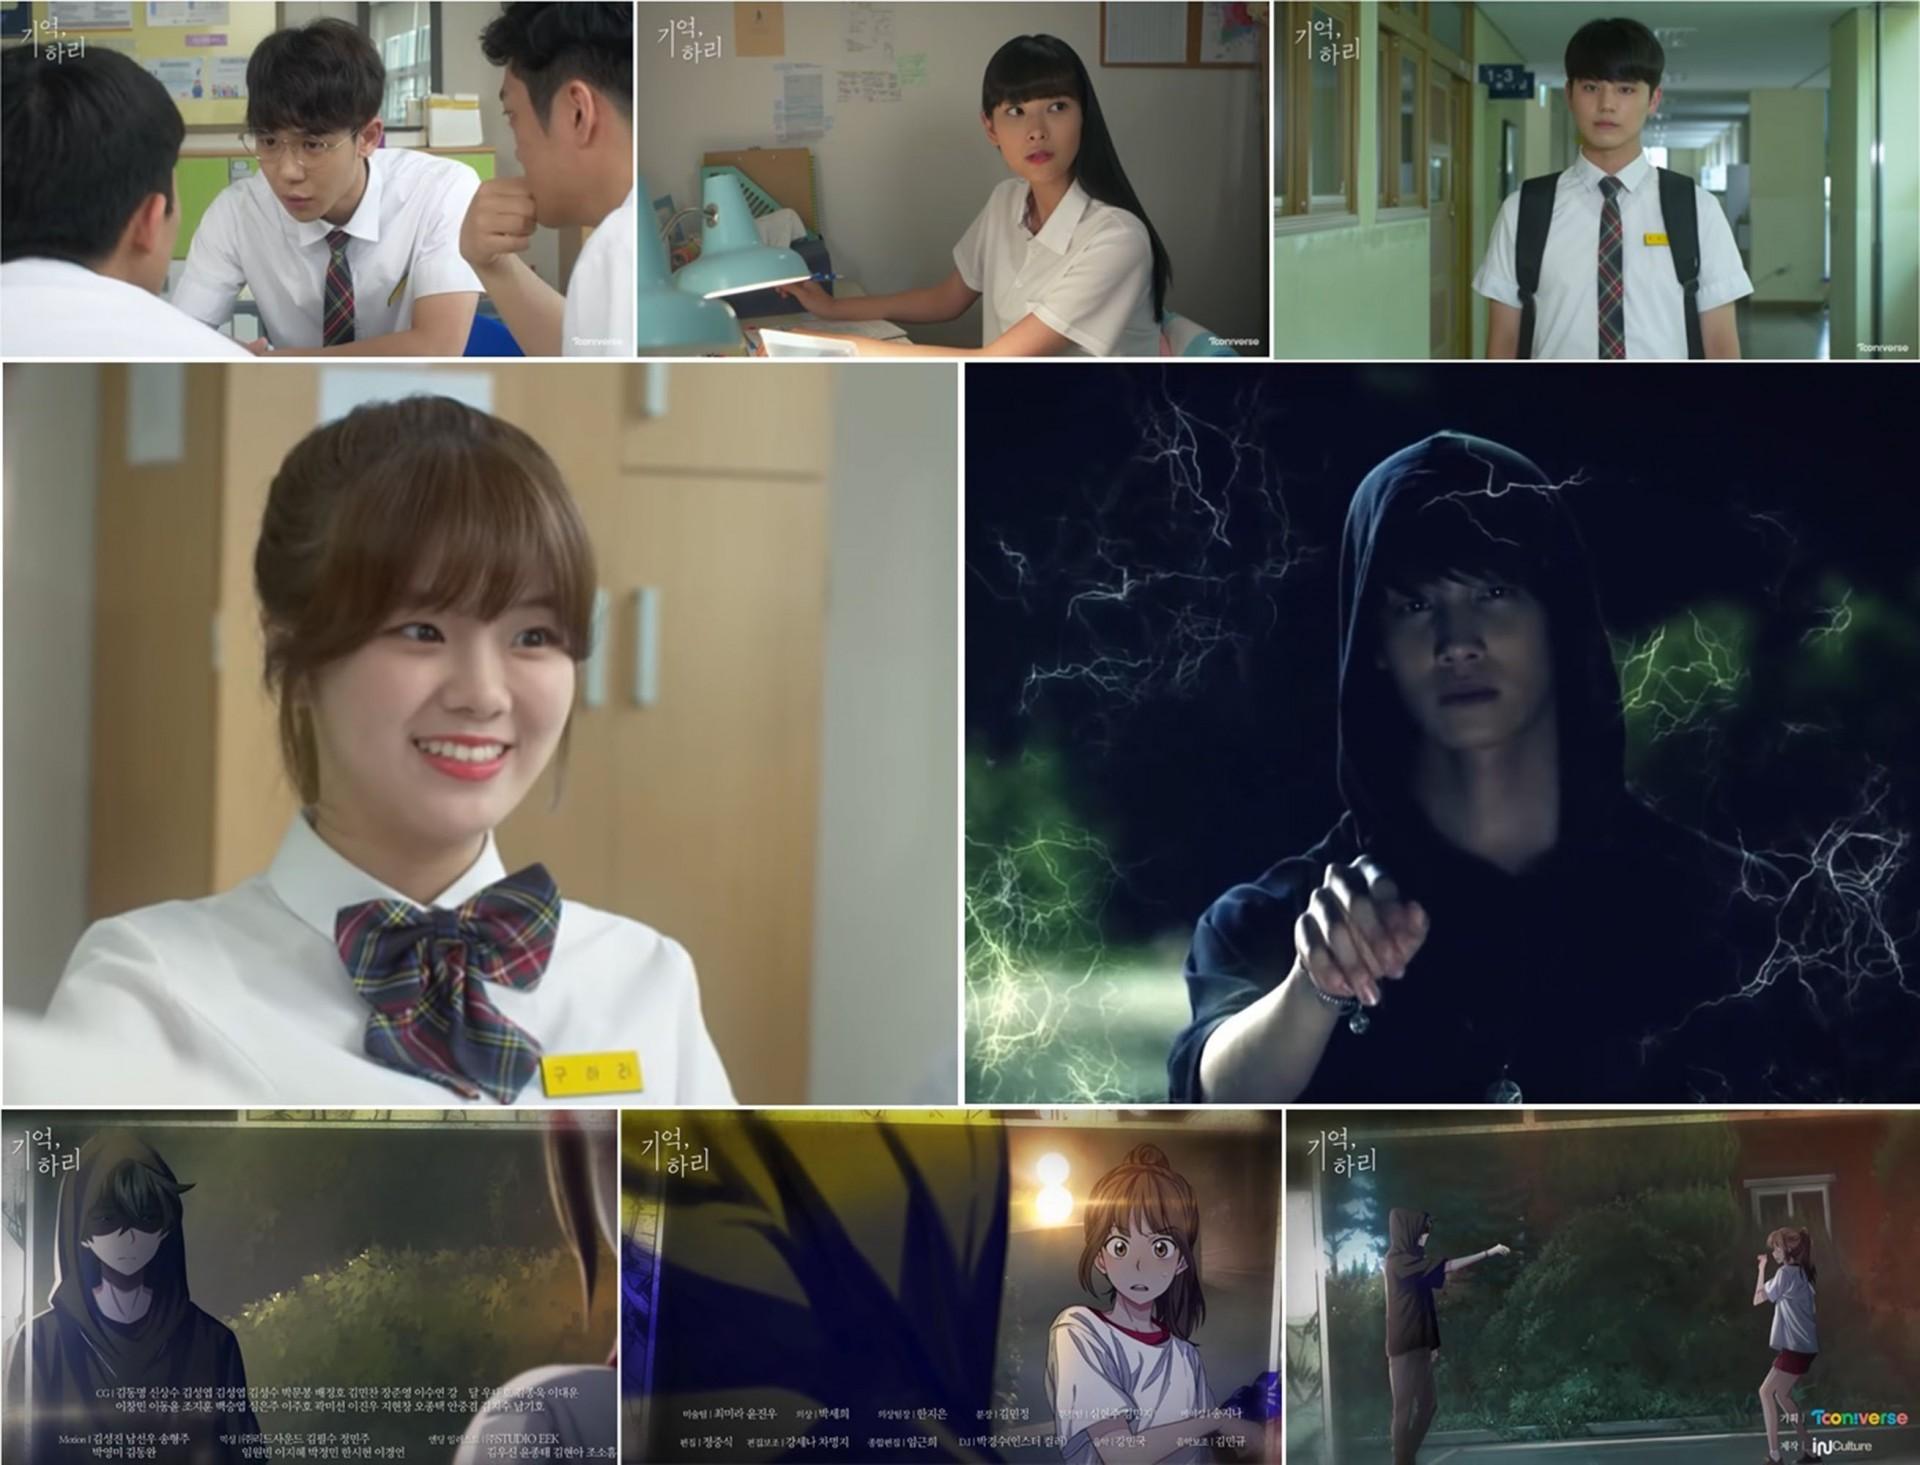 투니버스 , 첫 회부터 시청률 1위로 출발 - 투고커뮤니케이션